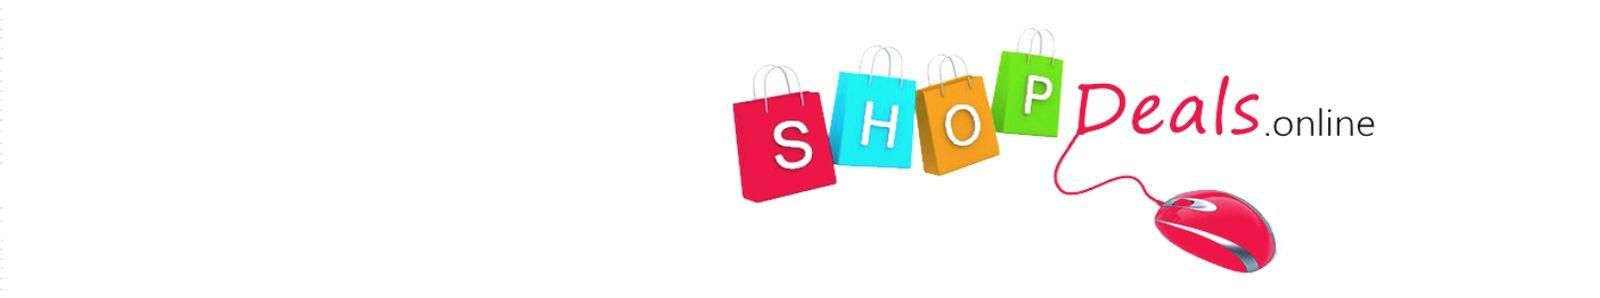 shopdeals.online